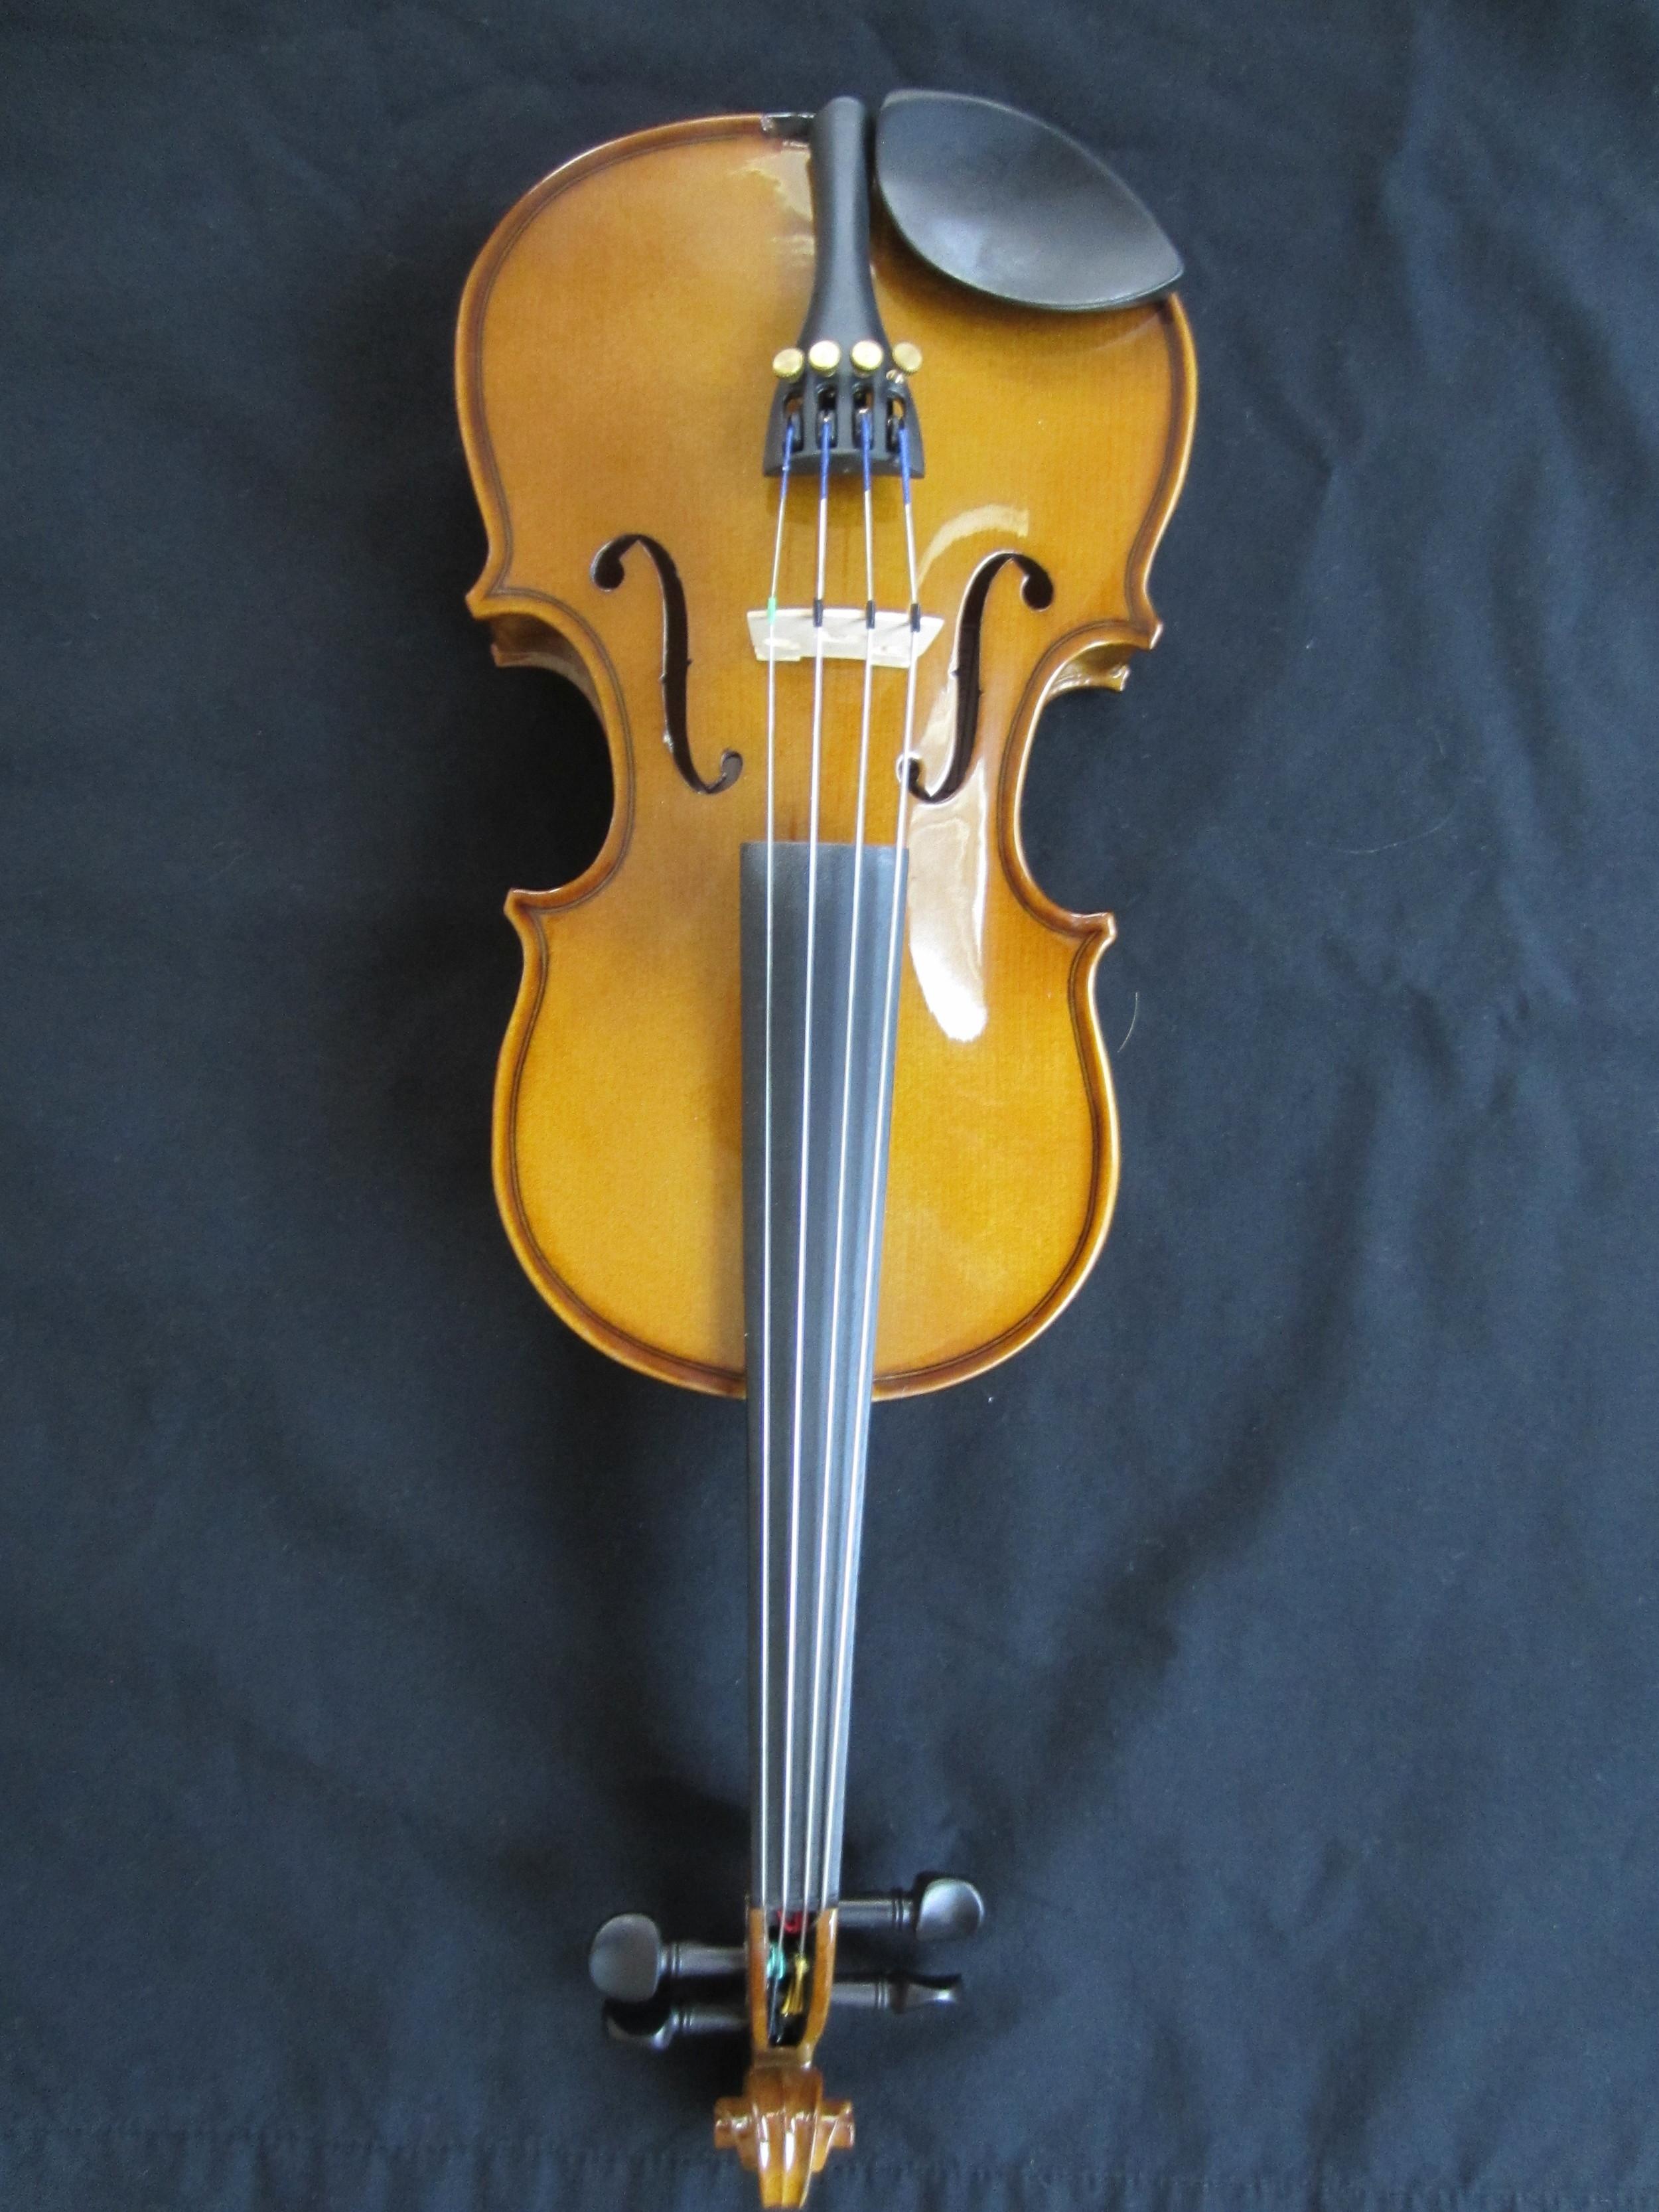 Cremona SV - 30 Violin